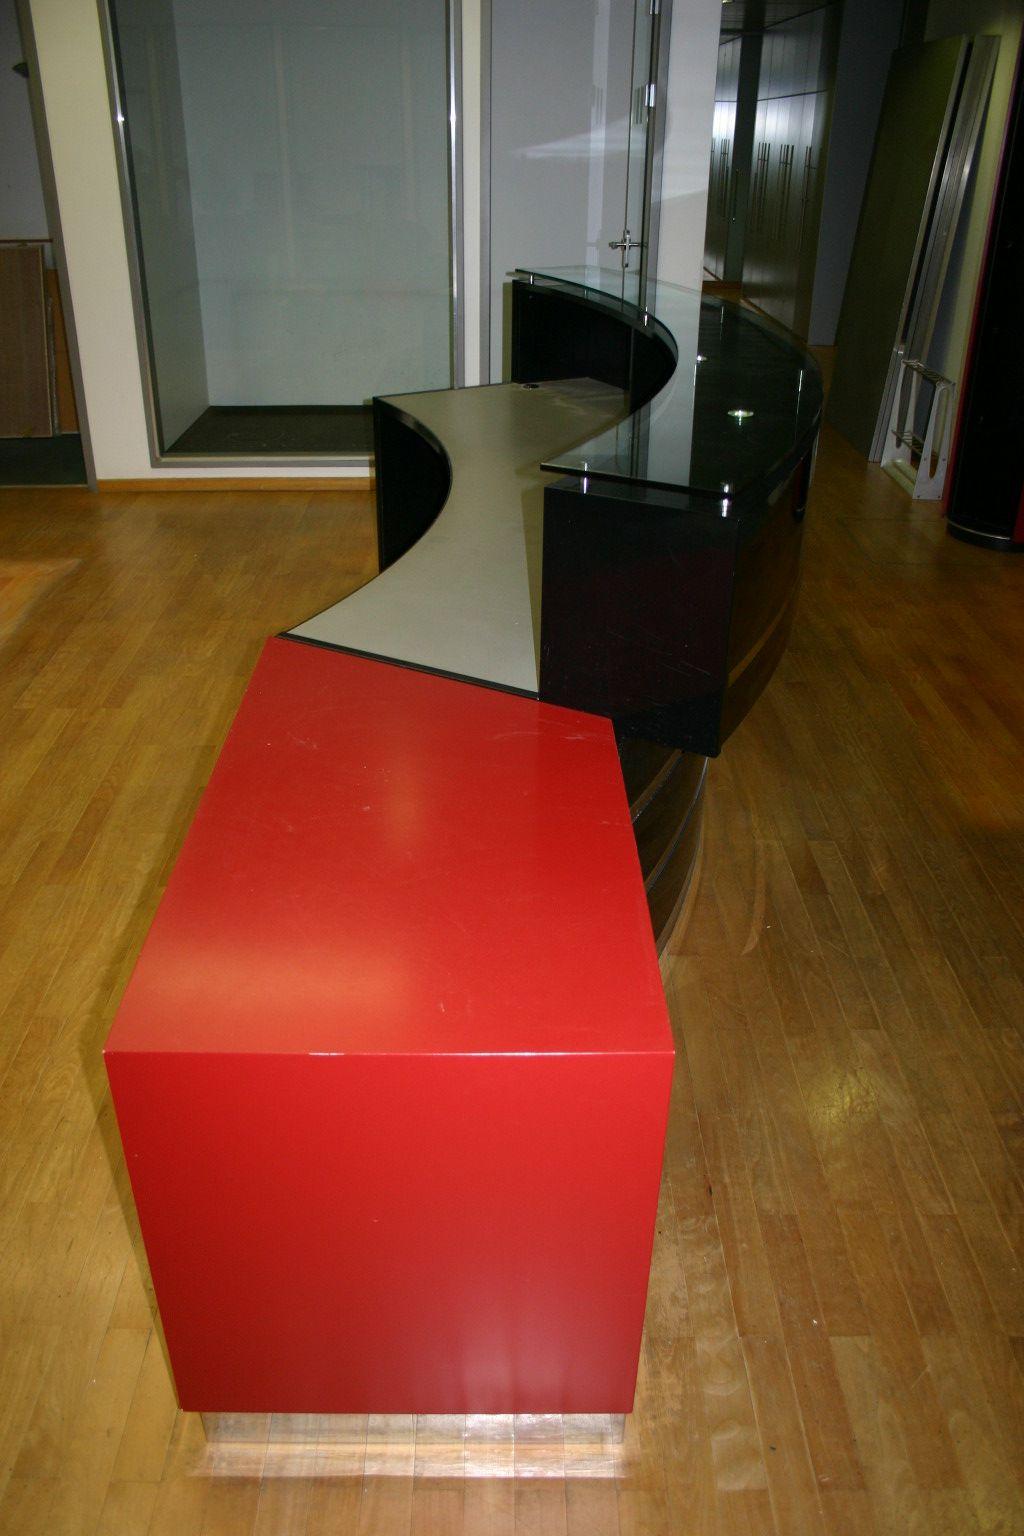 empfangstheke tresen theke holz lack schwarz rot glasplatte d665 ebay. Black Bedroom Furniture Sets. Home Design Ideas